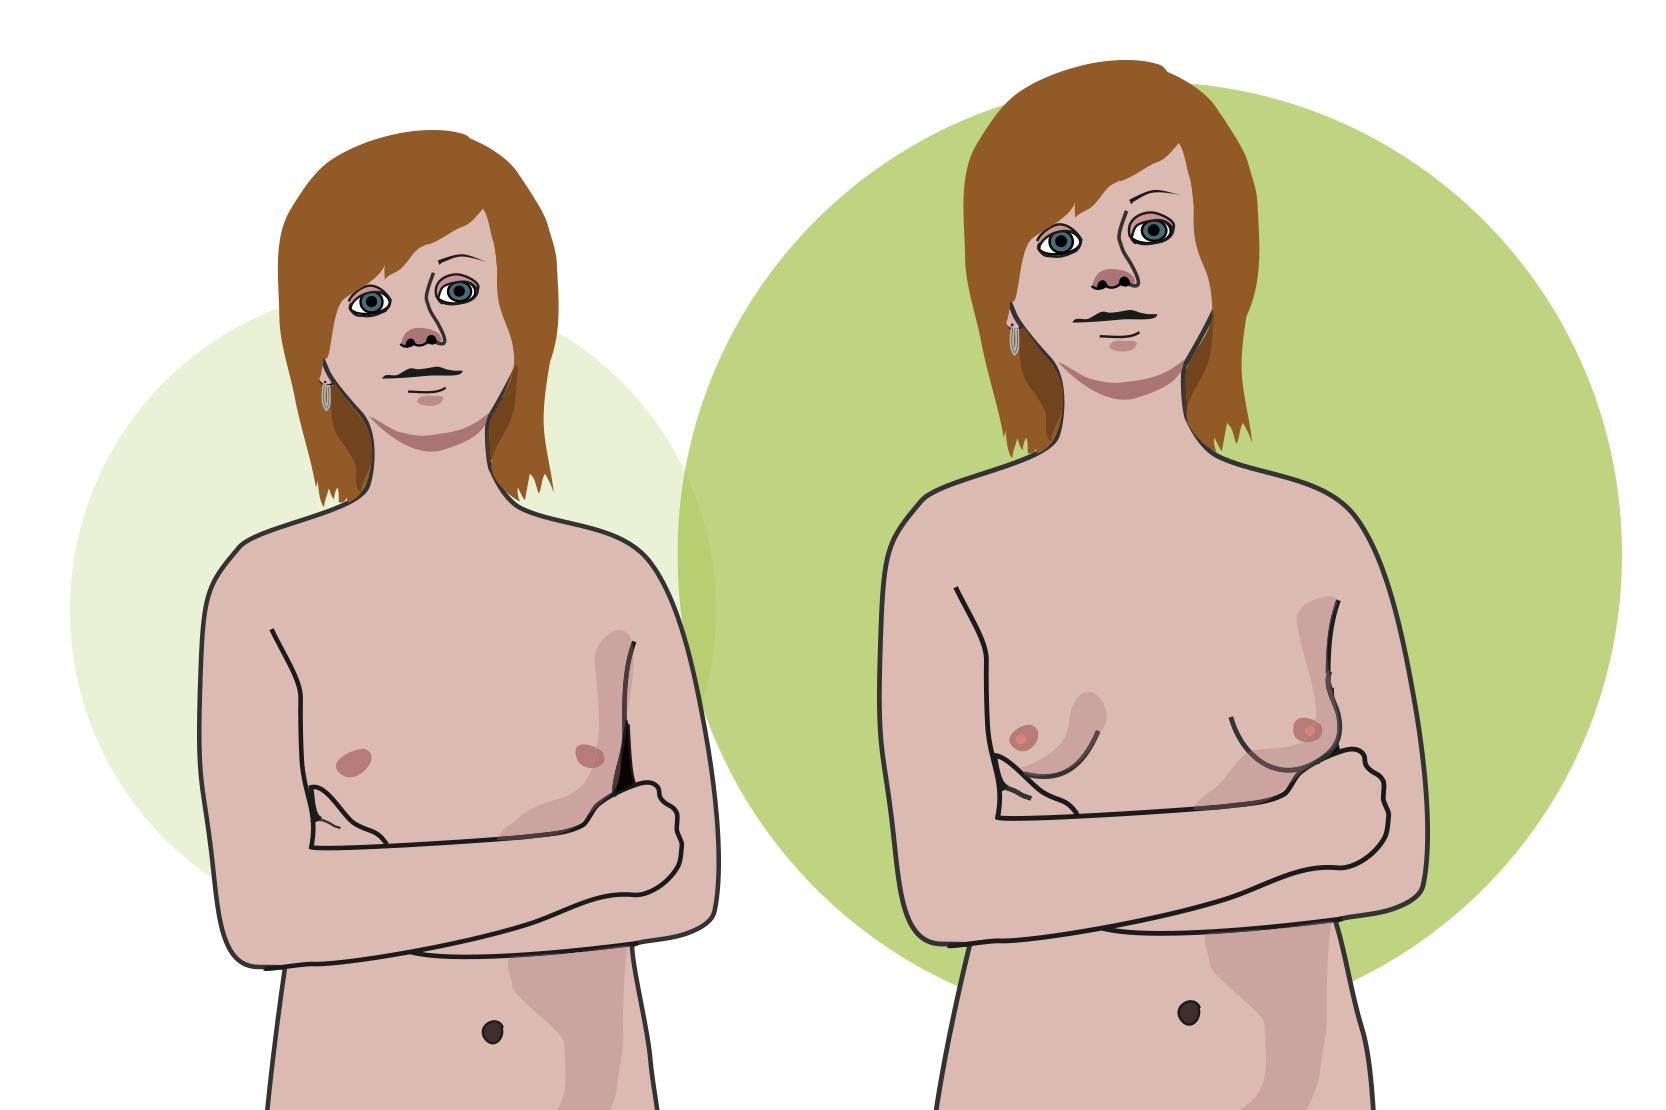 mjölk ur bröstet inte gravid